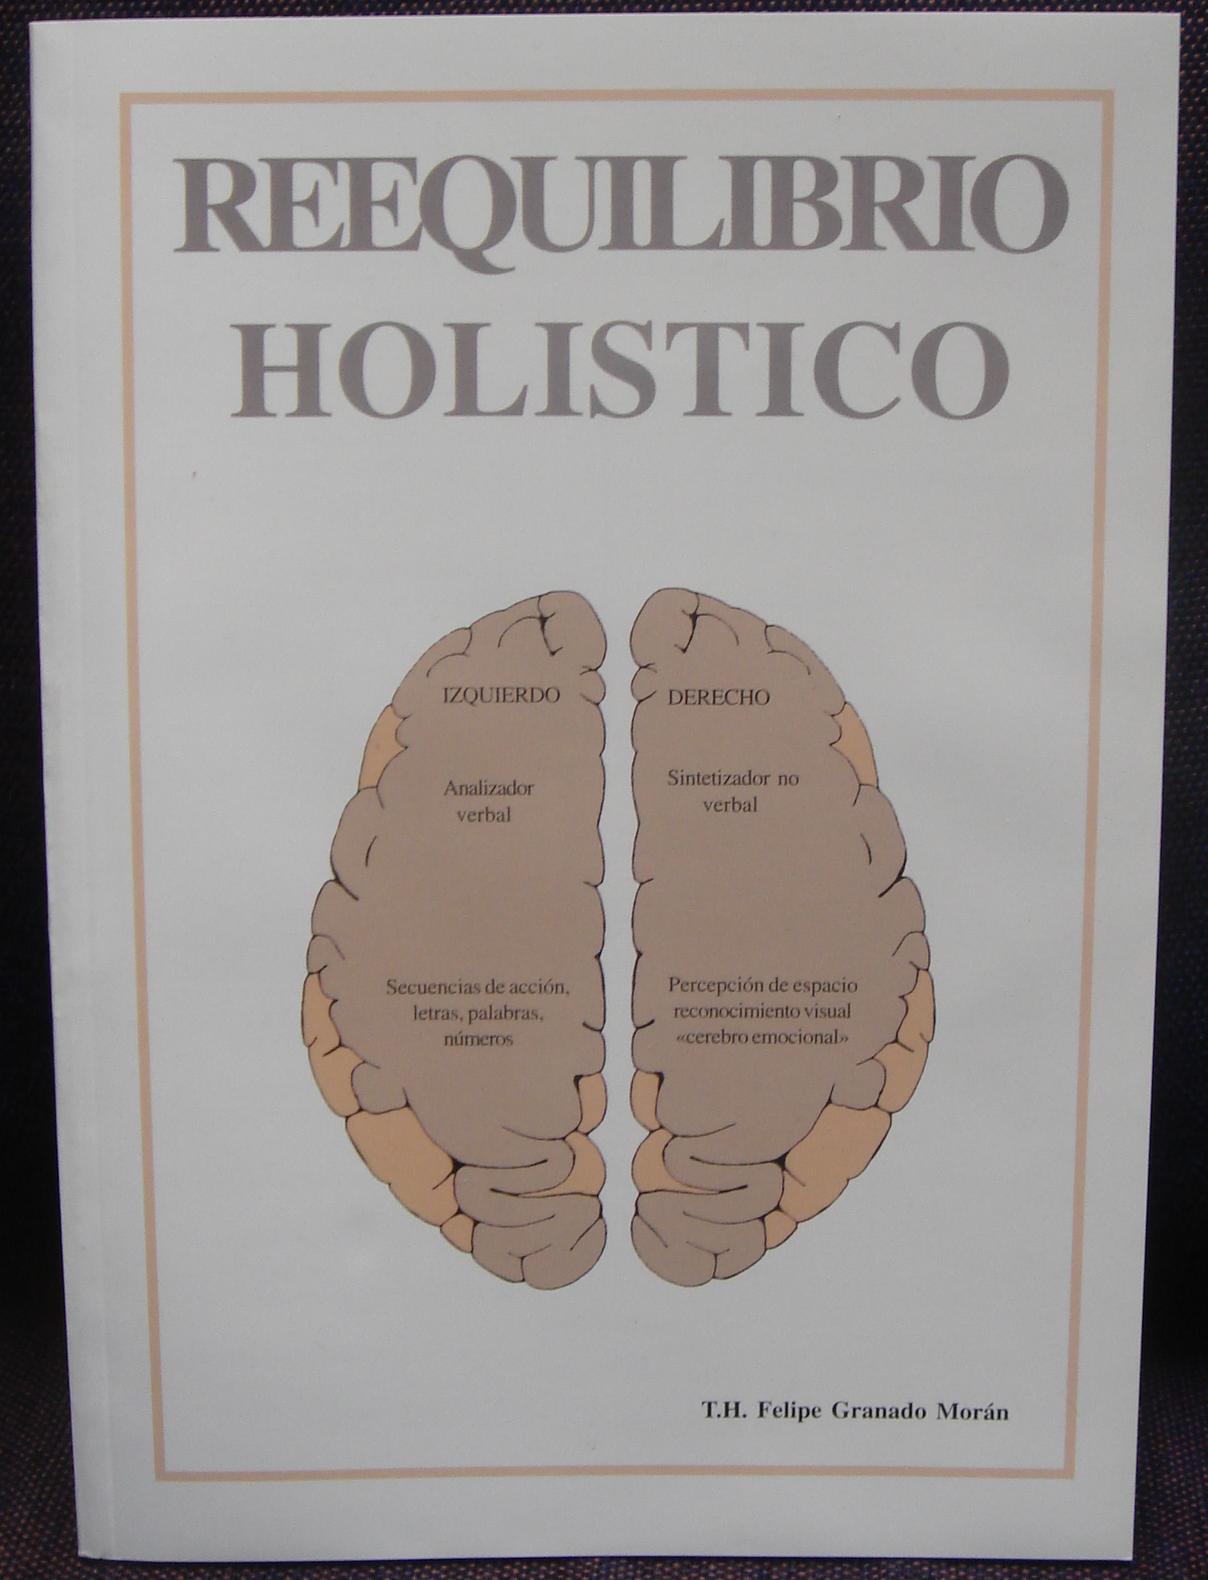 Reequilibrio_Holistico